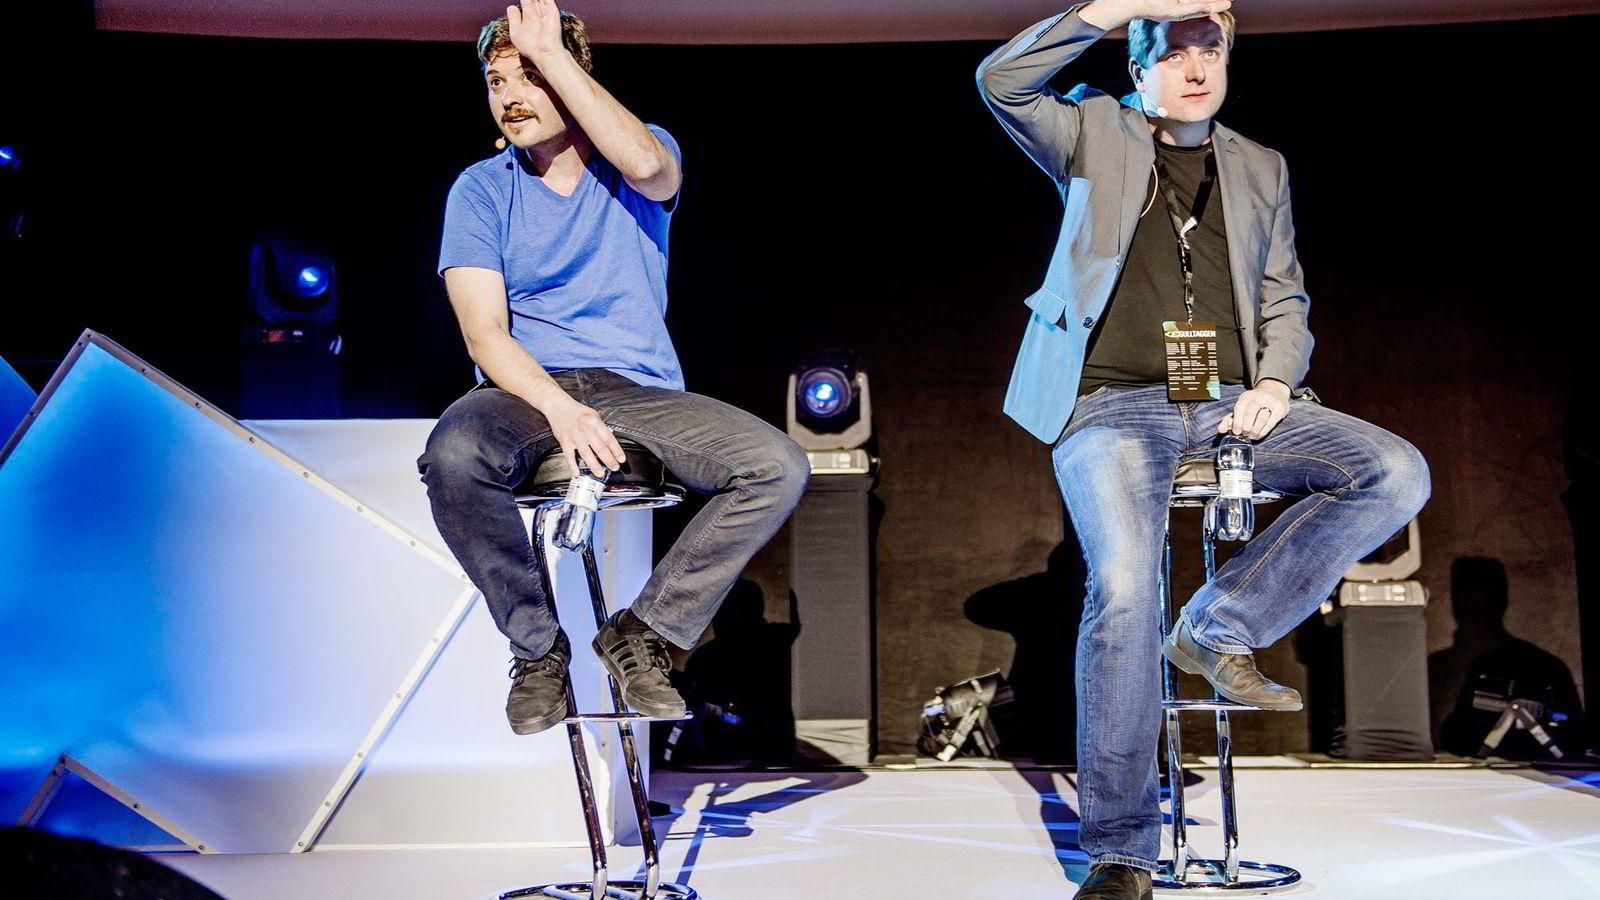 Ben Williams (til venstre) er talsperson for Eyeo, selskapet som driver Adblock Plus. Sean Blanchfield driver Pagefair, som hjelper medieselskaper å omgå og bekjempe blokkering. De to møttes igår under Gulltaggen. Foto: Hampus Lundgren